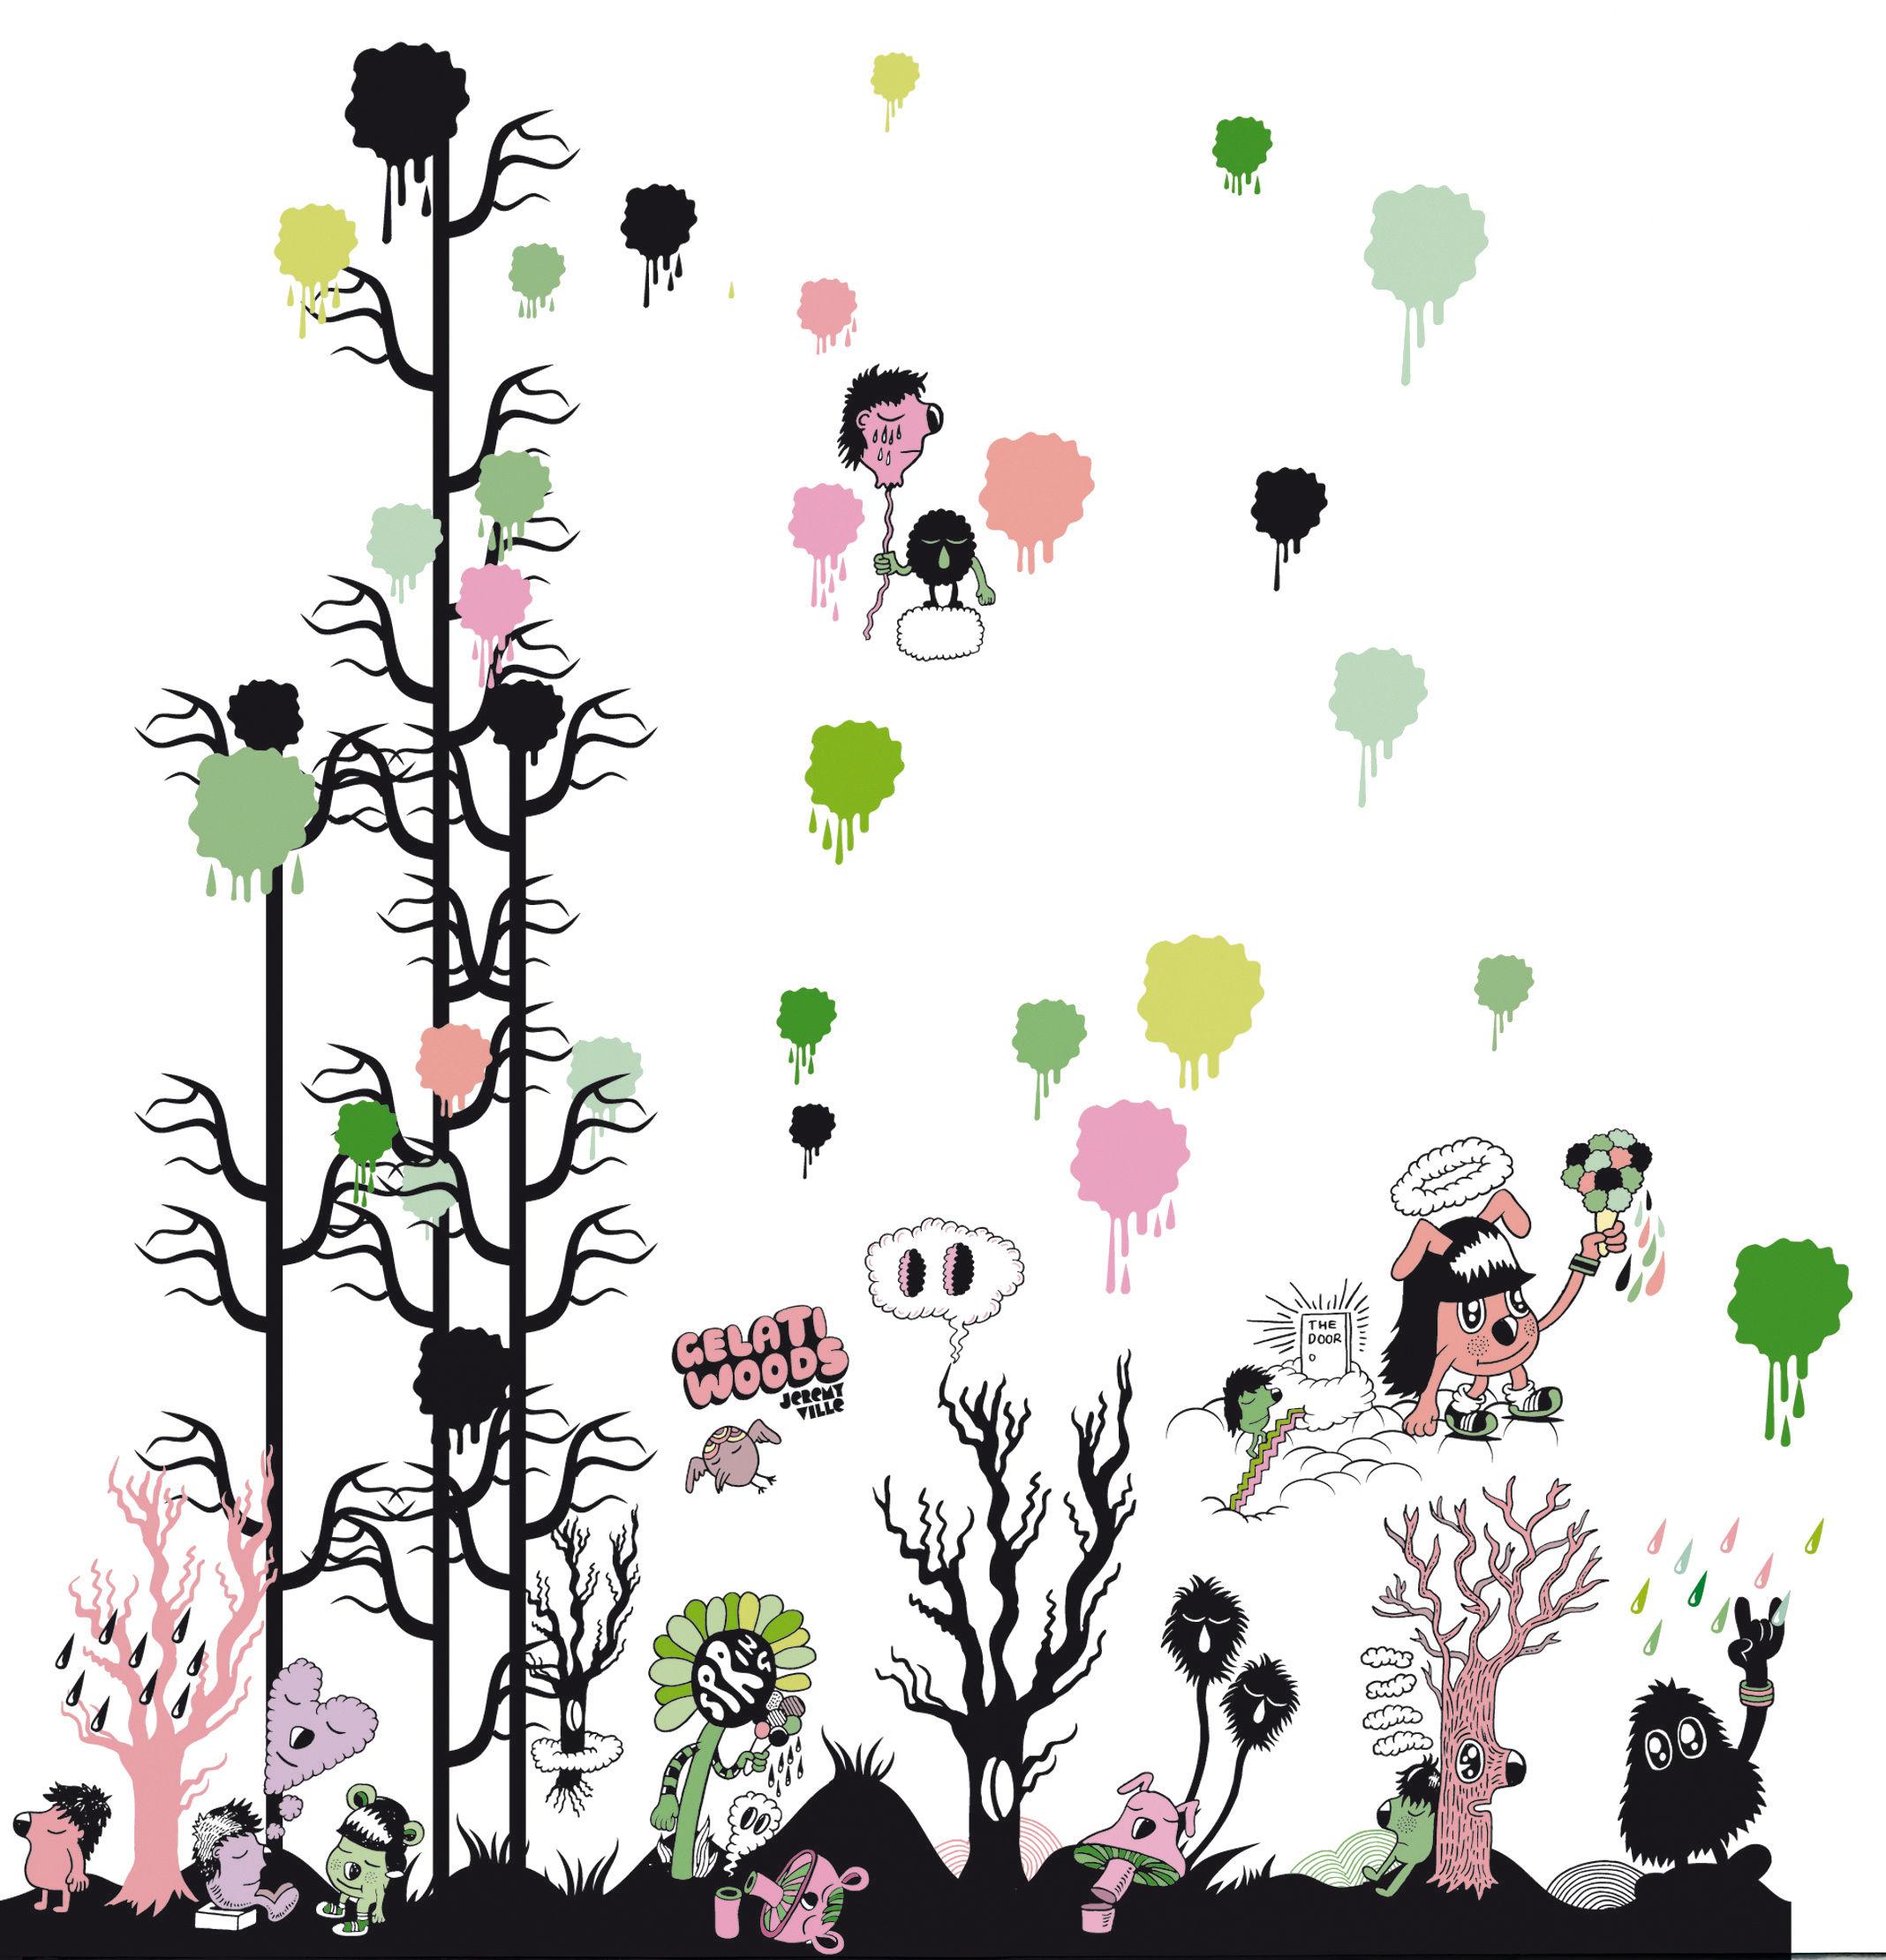 Dekoration - Stickers und Tapeten - Gelati woods Sticker - Domestic - Bunt - Vinyl